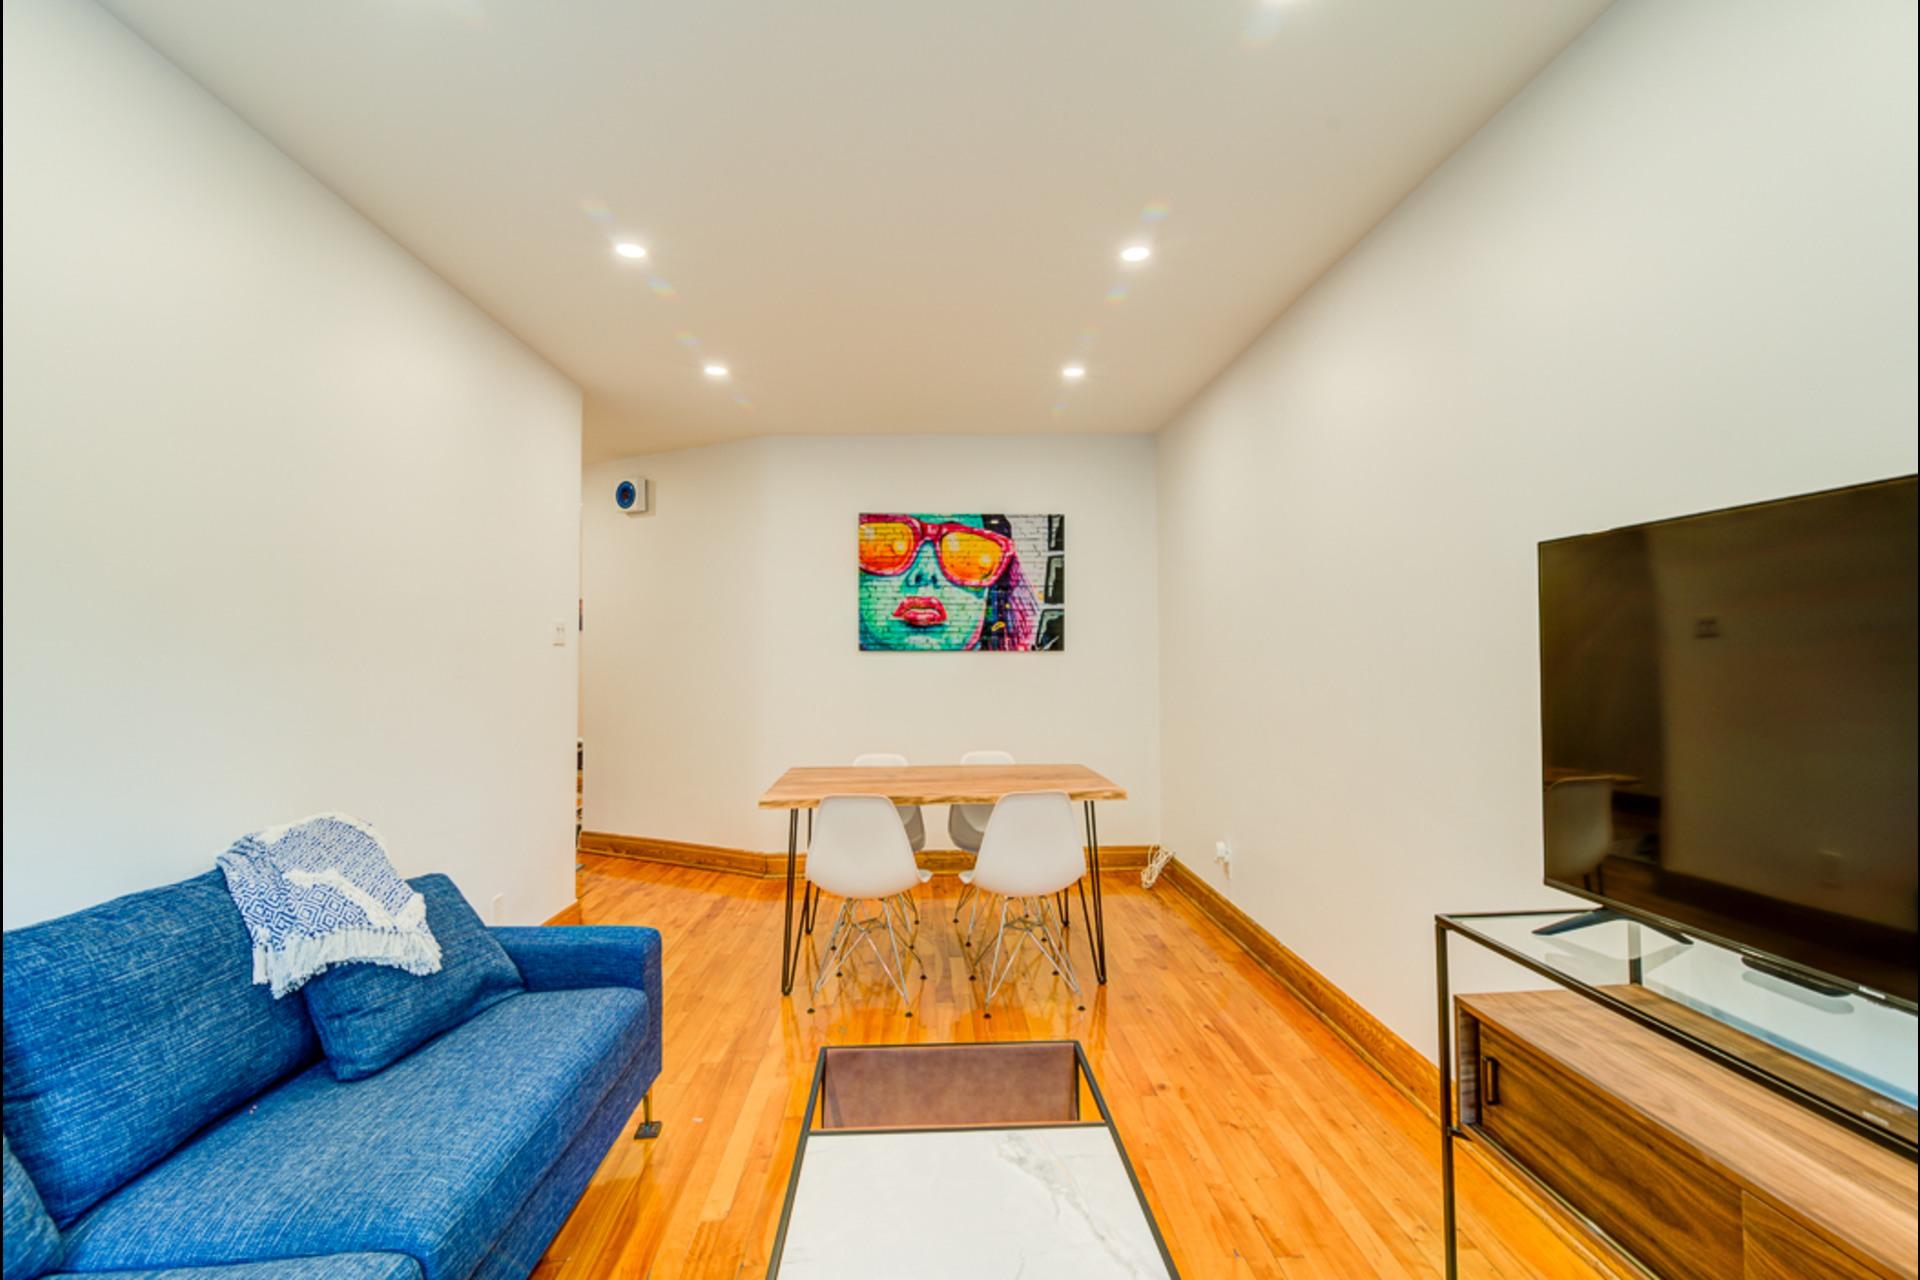 image 7 - House For rent Montréal